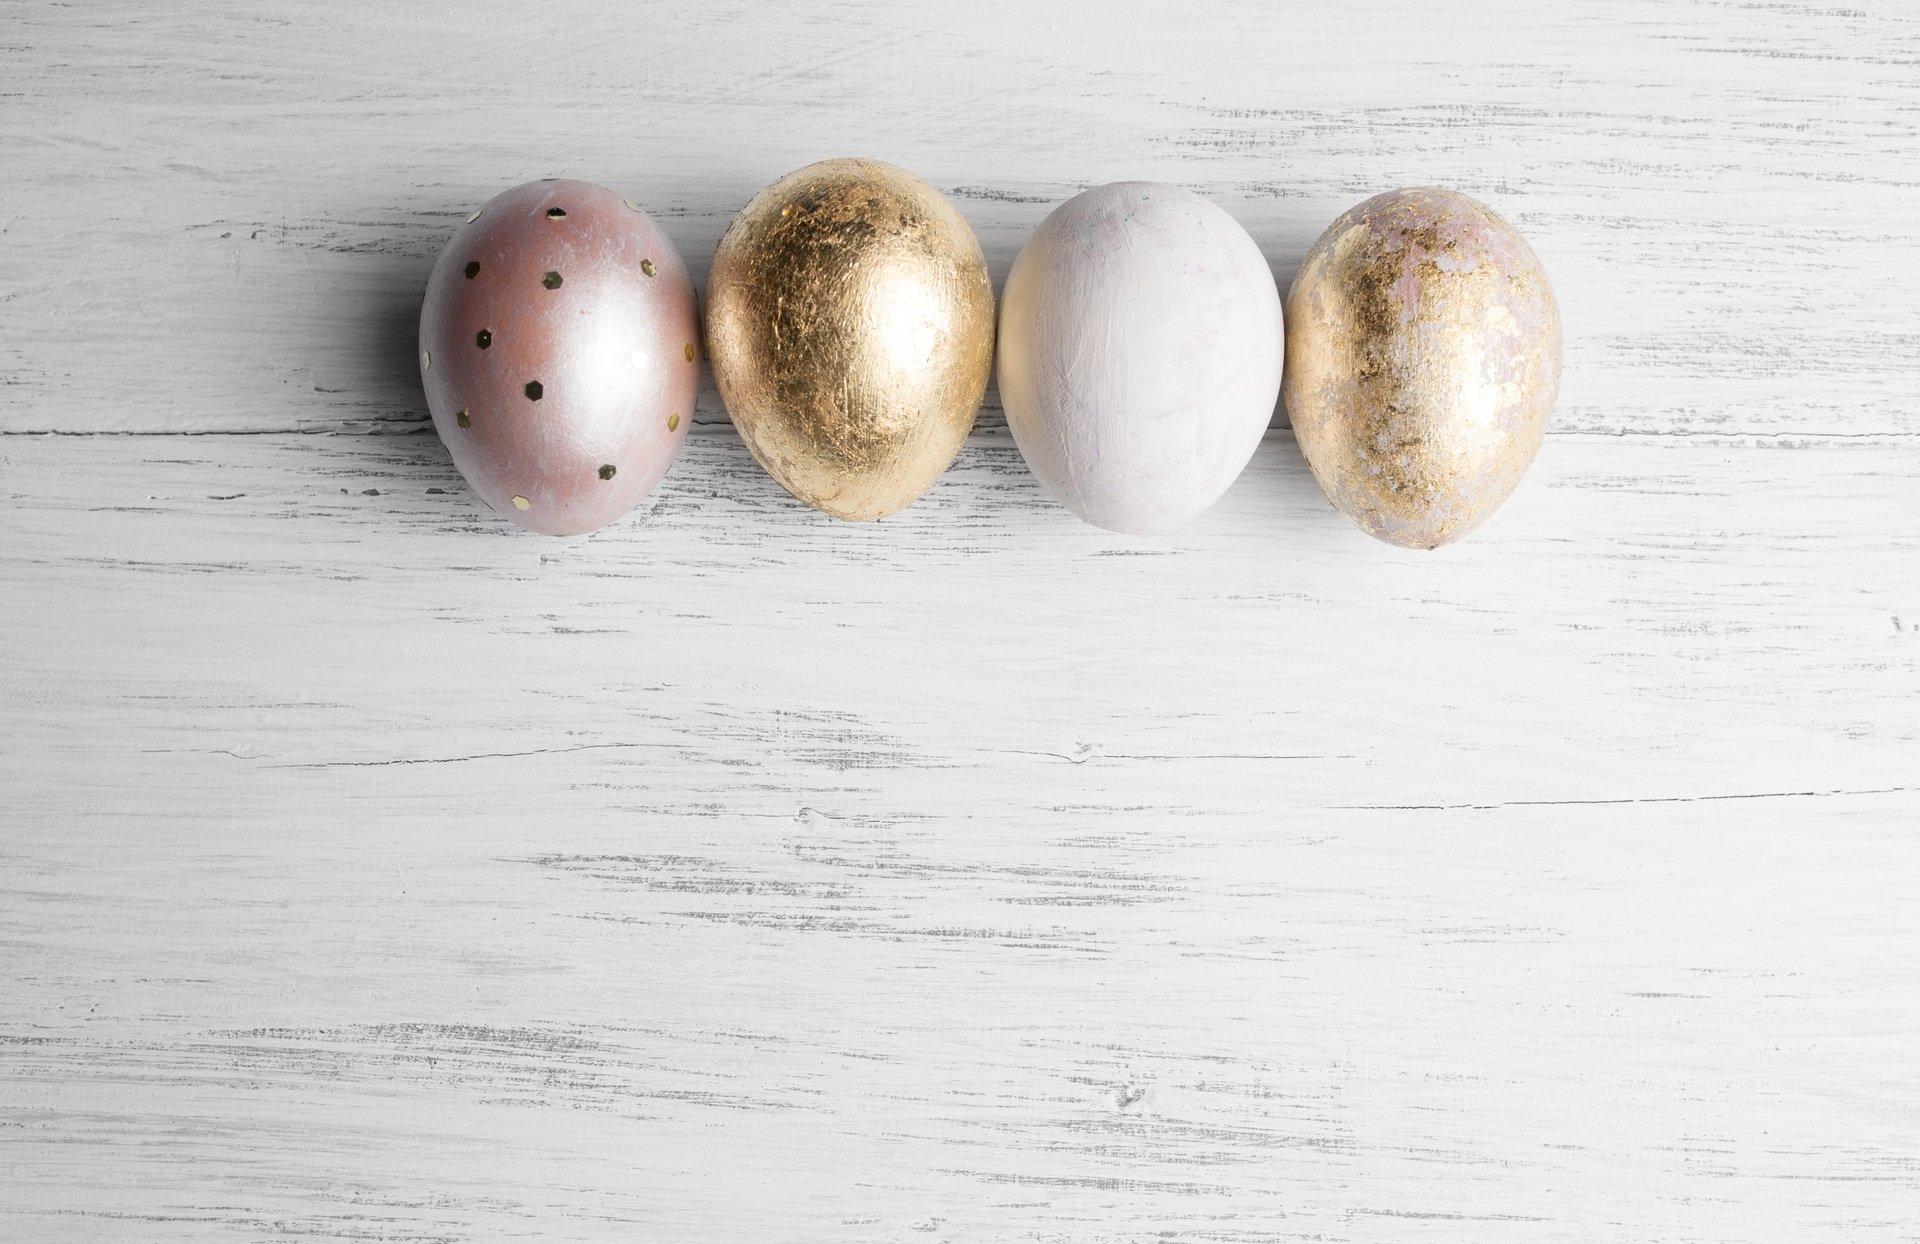 Tegoroczna Wielkanoc dla handlu będzie lepsza, niż rok temu. Eksperci przewidują wzrost sprzedaży